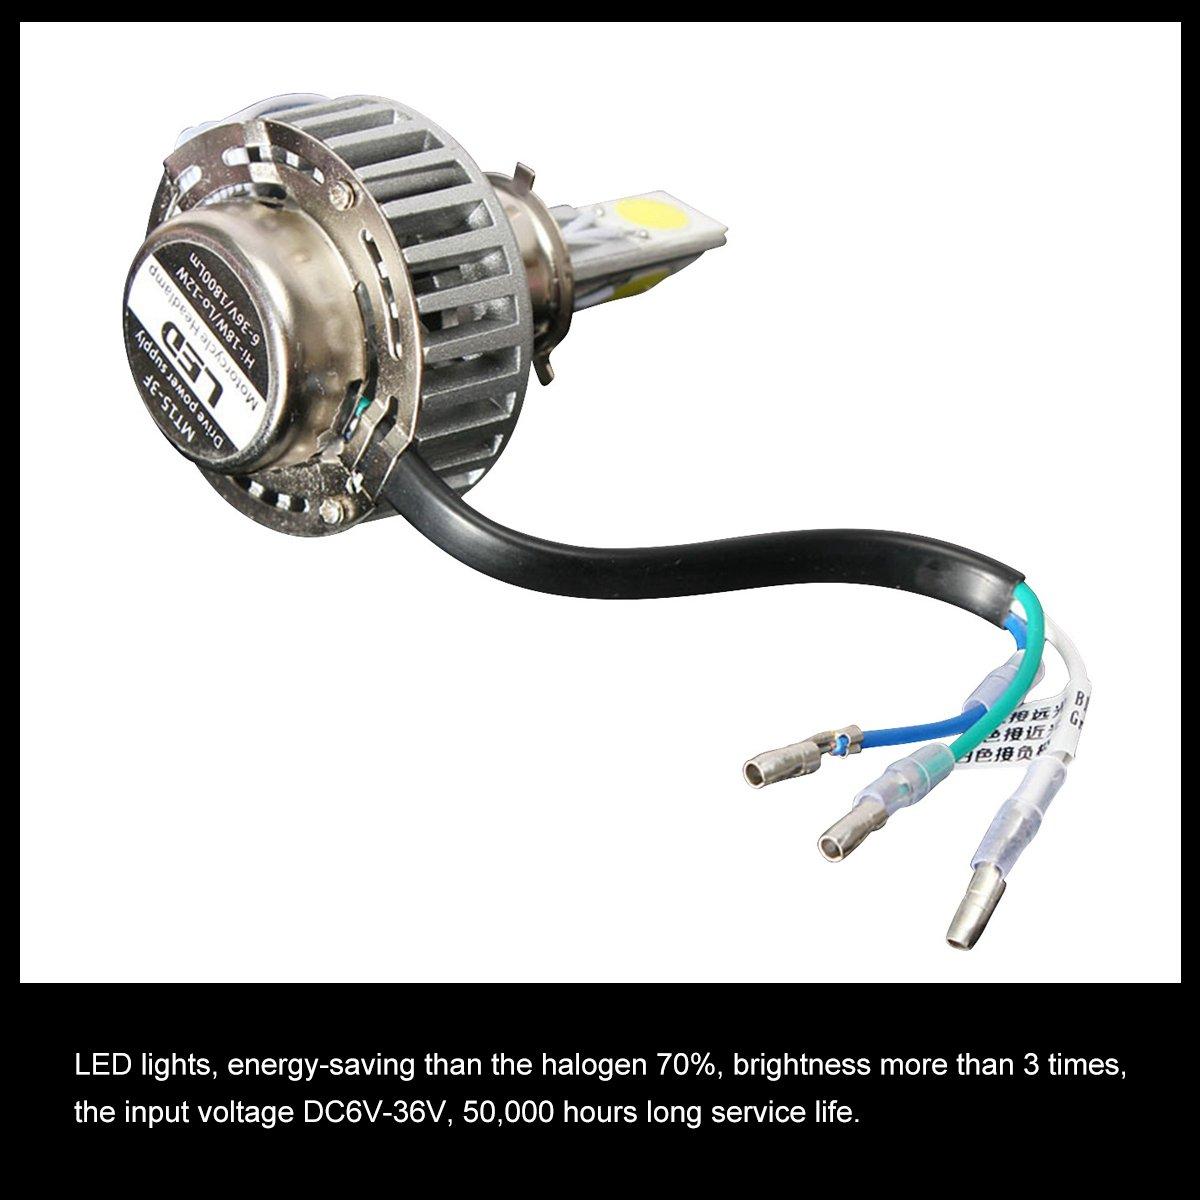 Audew H4 LED Phare Moto Ampoule Avant Feux Avant Lumi/ère 6-36V 12-18W 1800LM 6000K